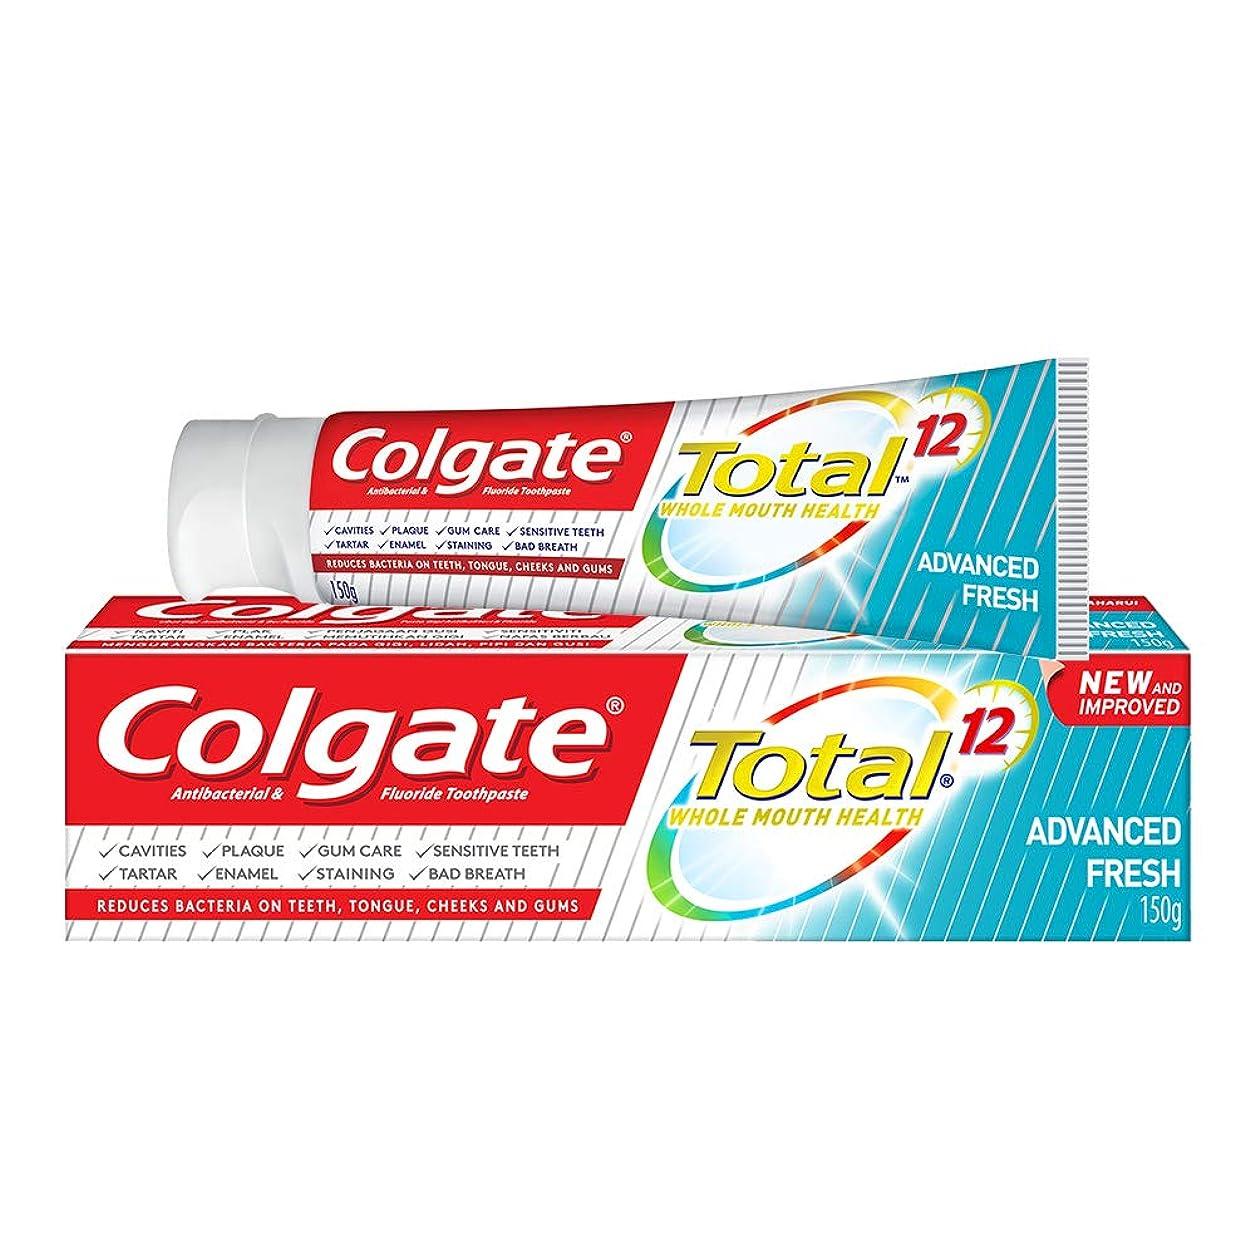 抽選海里代わってColgate コルゲート トータル トゥースペースト 150g (歯磨き粉) 【歯磨き粉、虫歯予防、アメリカン雑貨】